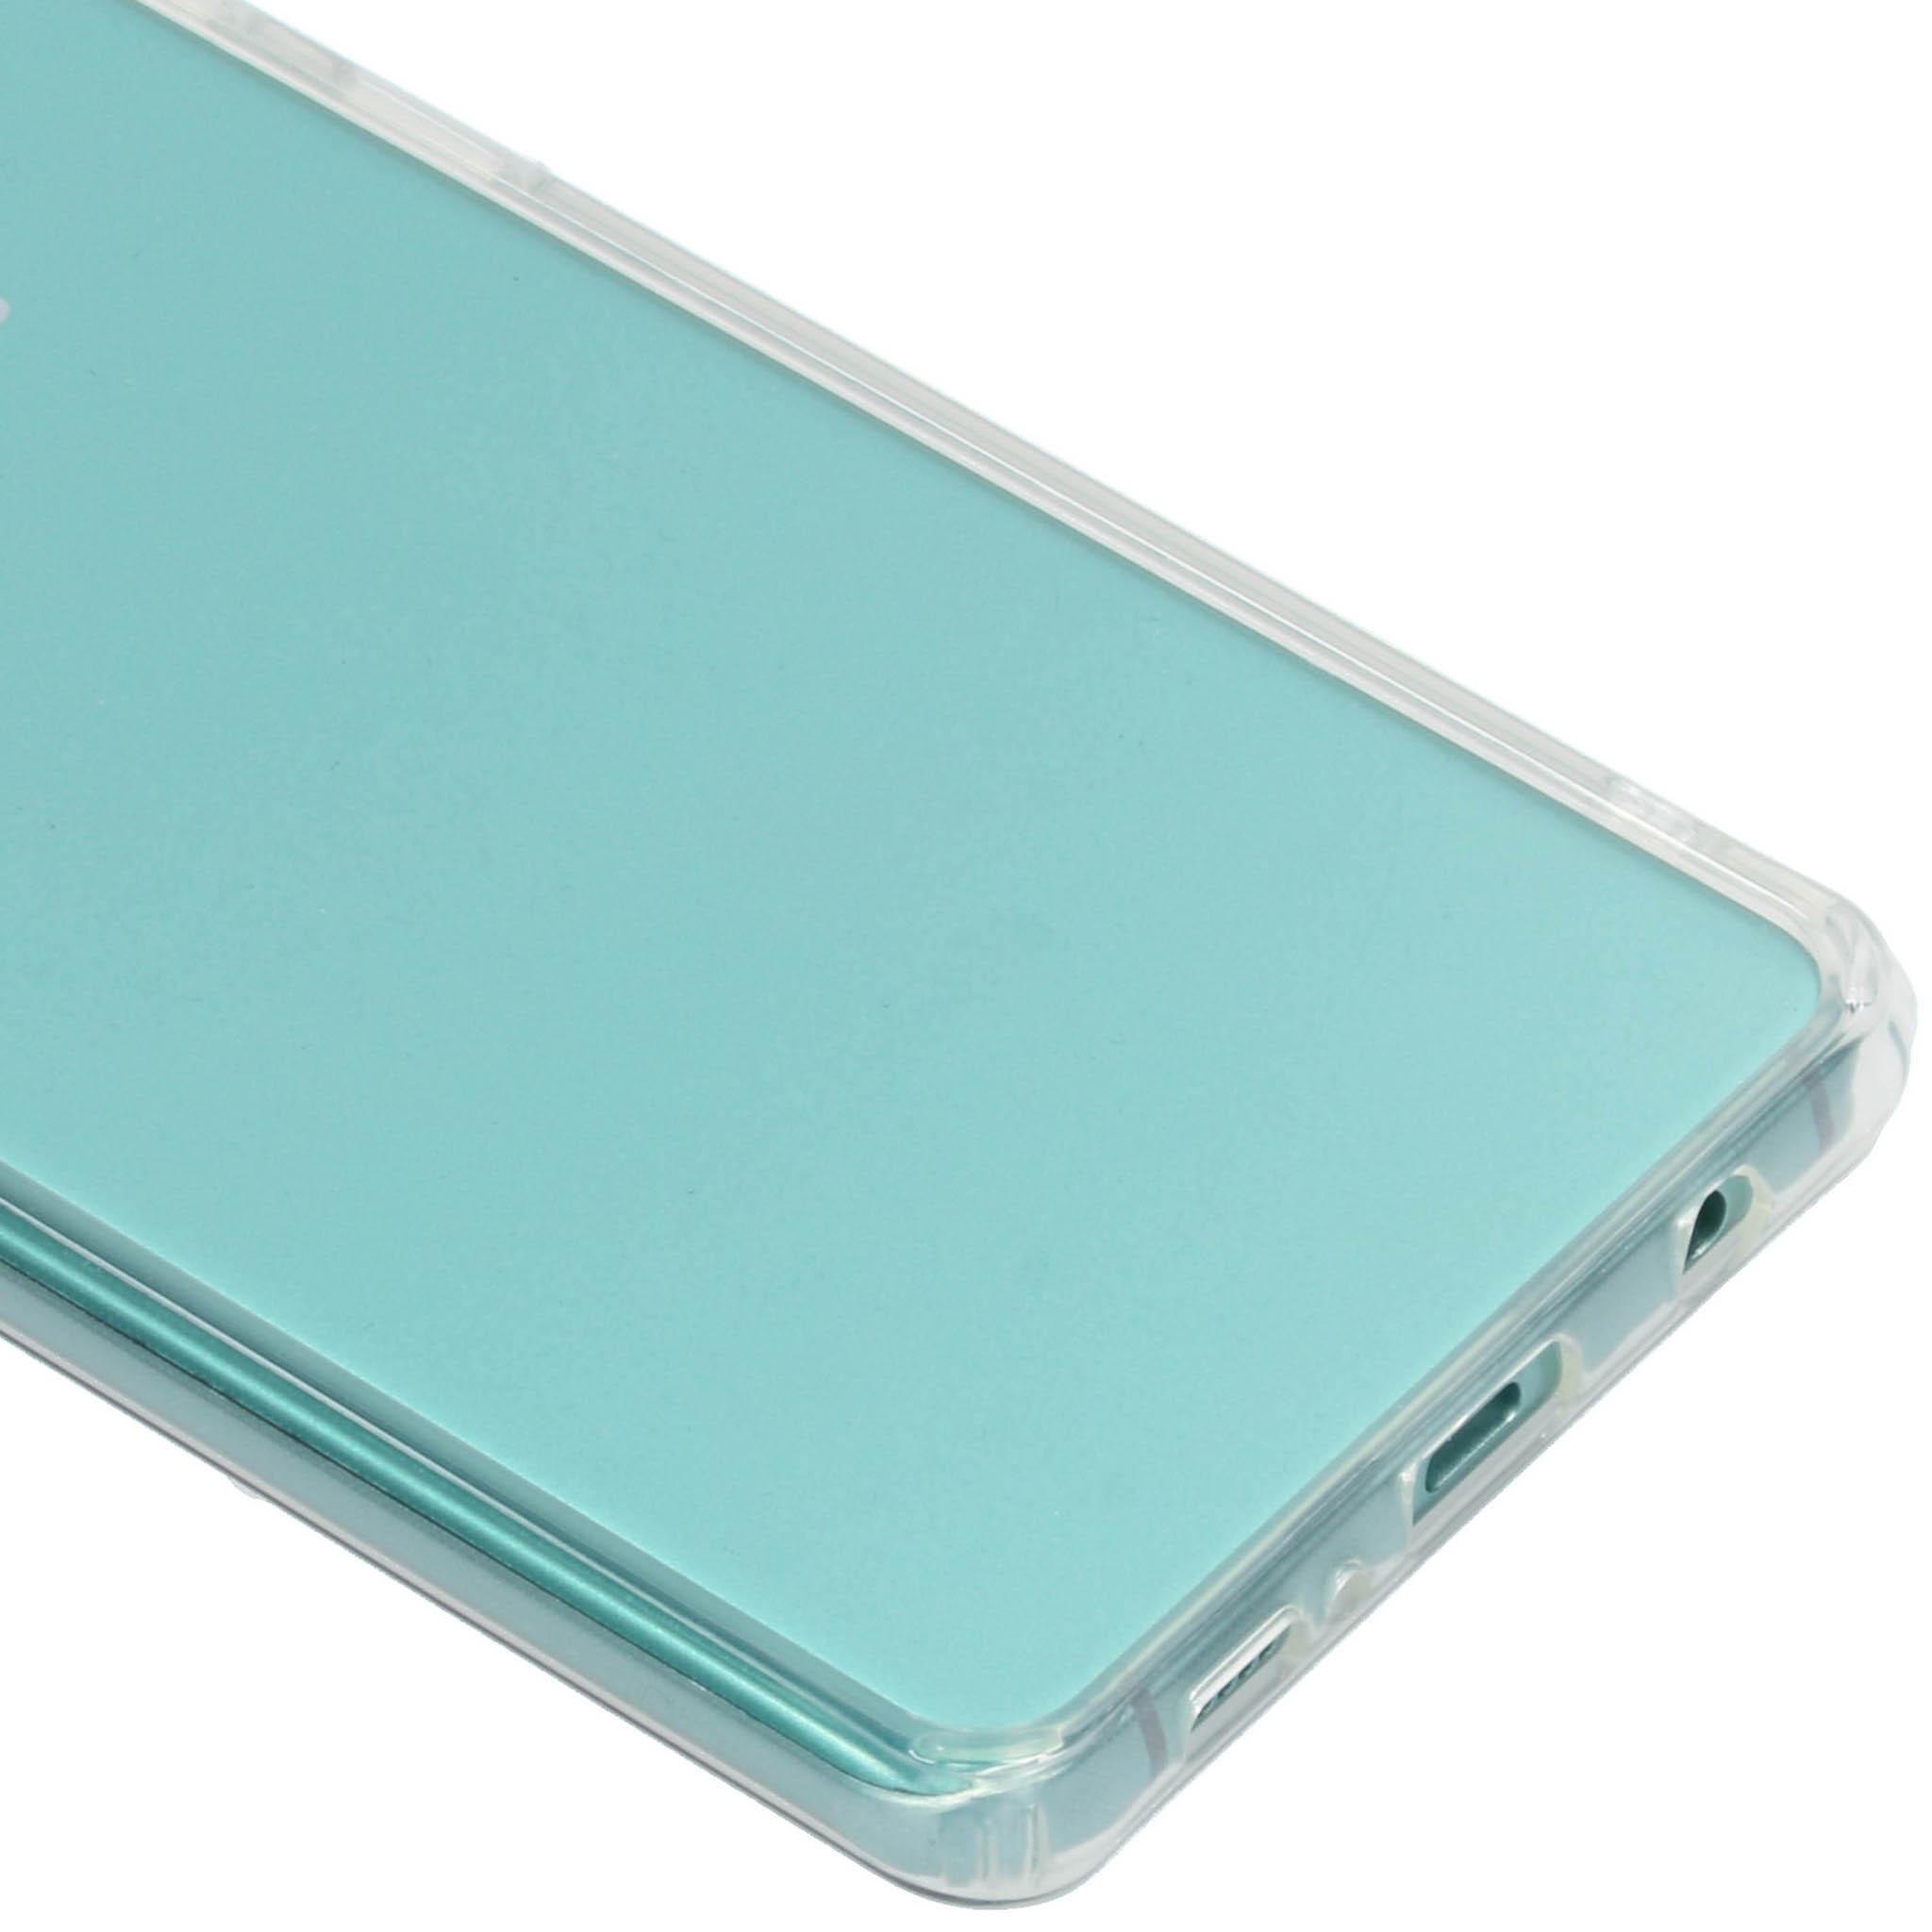 Obal PanzerGlass ClearCase zvětšiny tvoří podobné tvrzené sklo, jaké kryje samotný telefon.